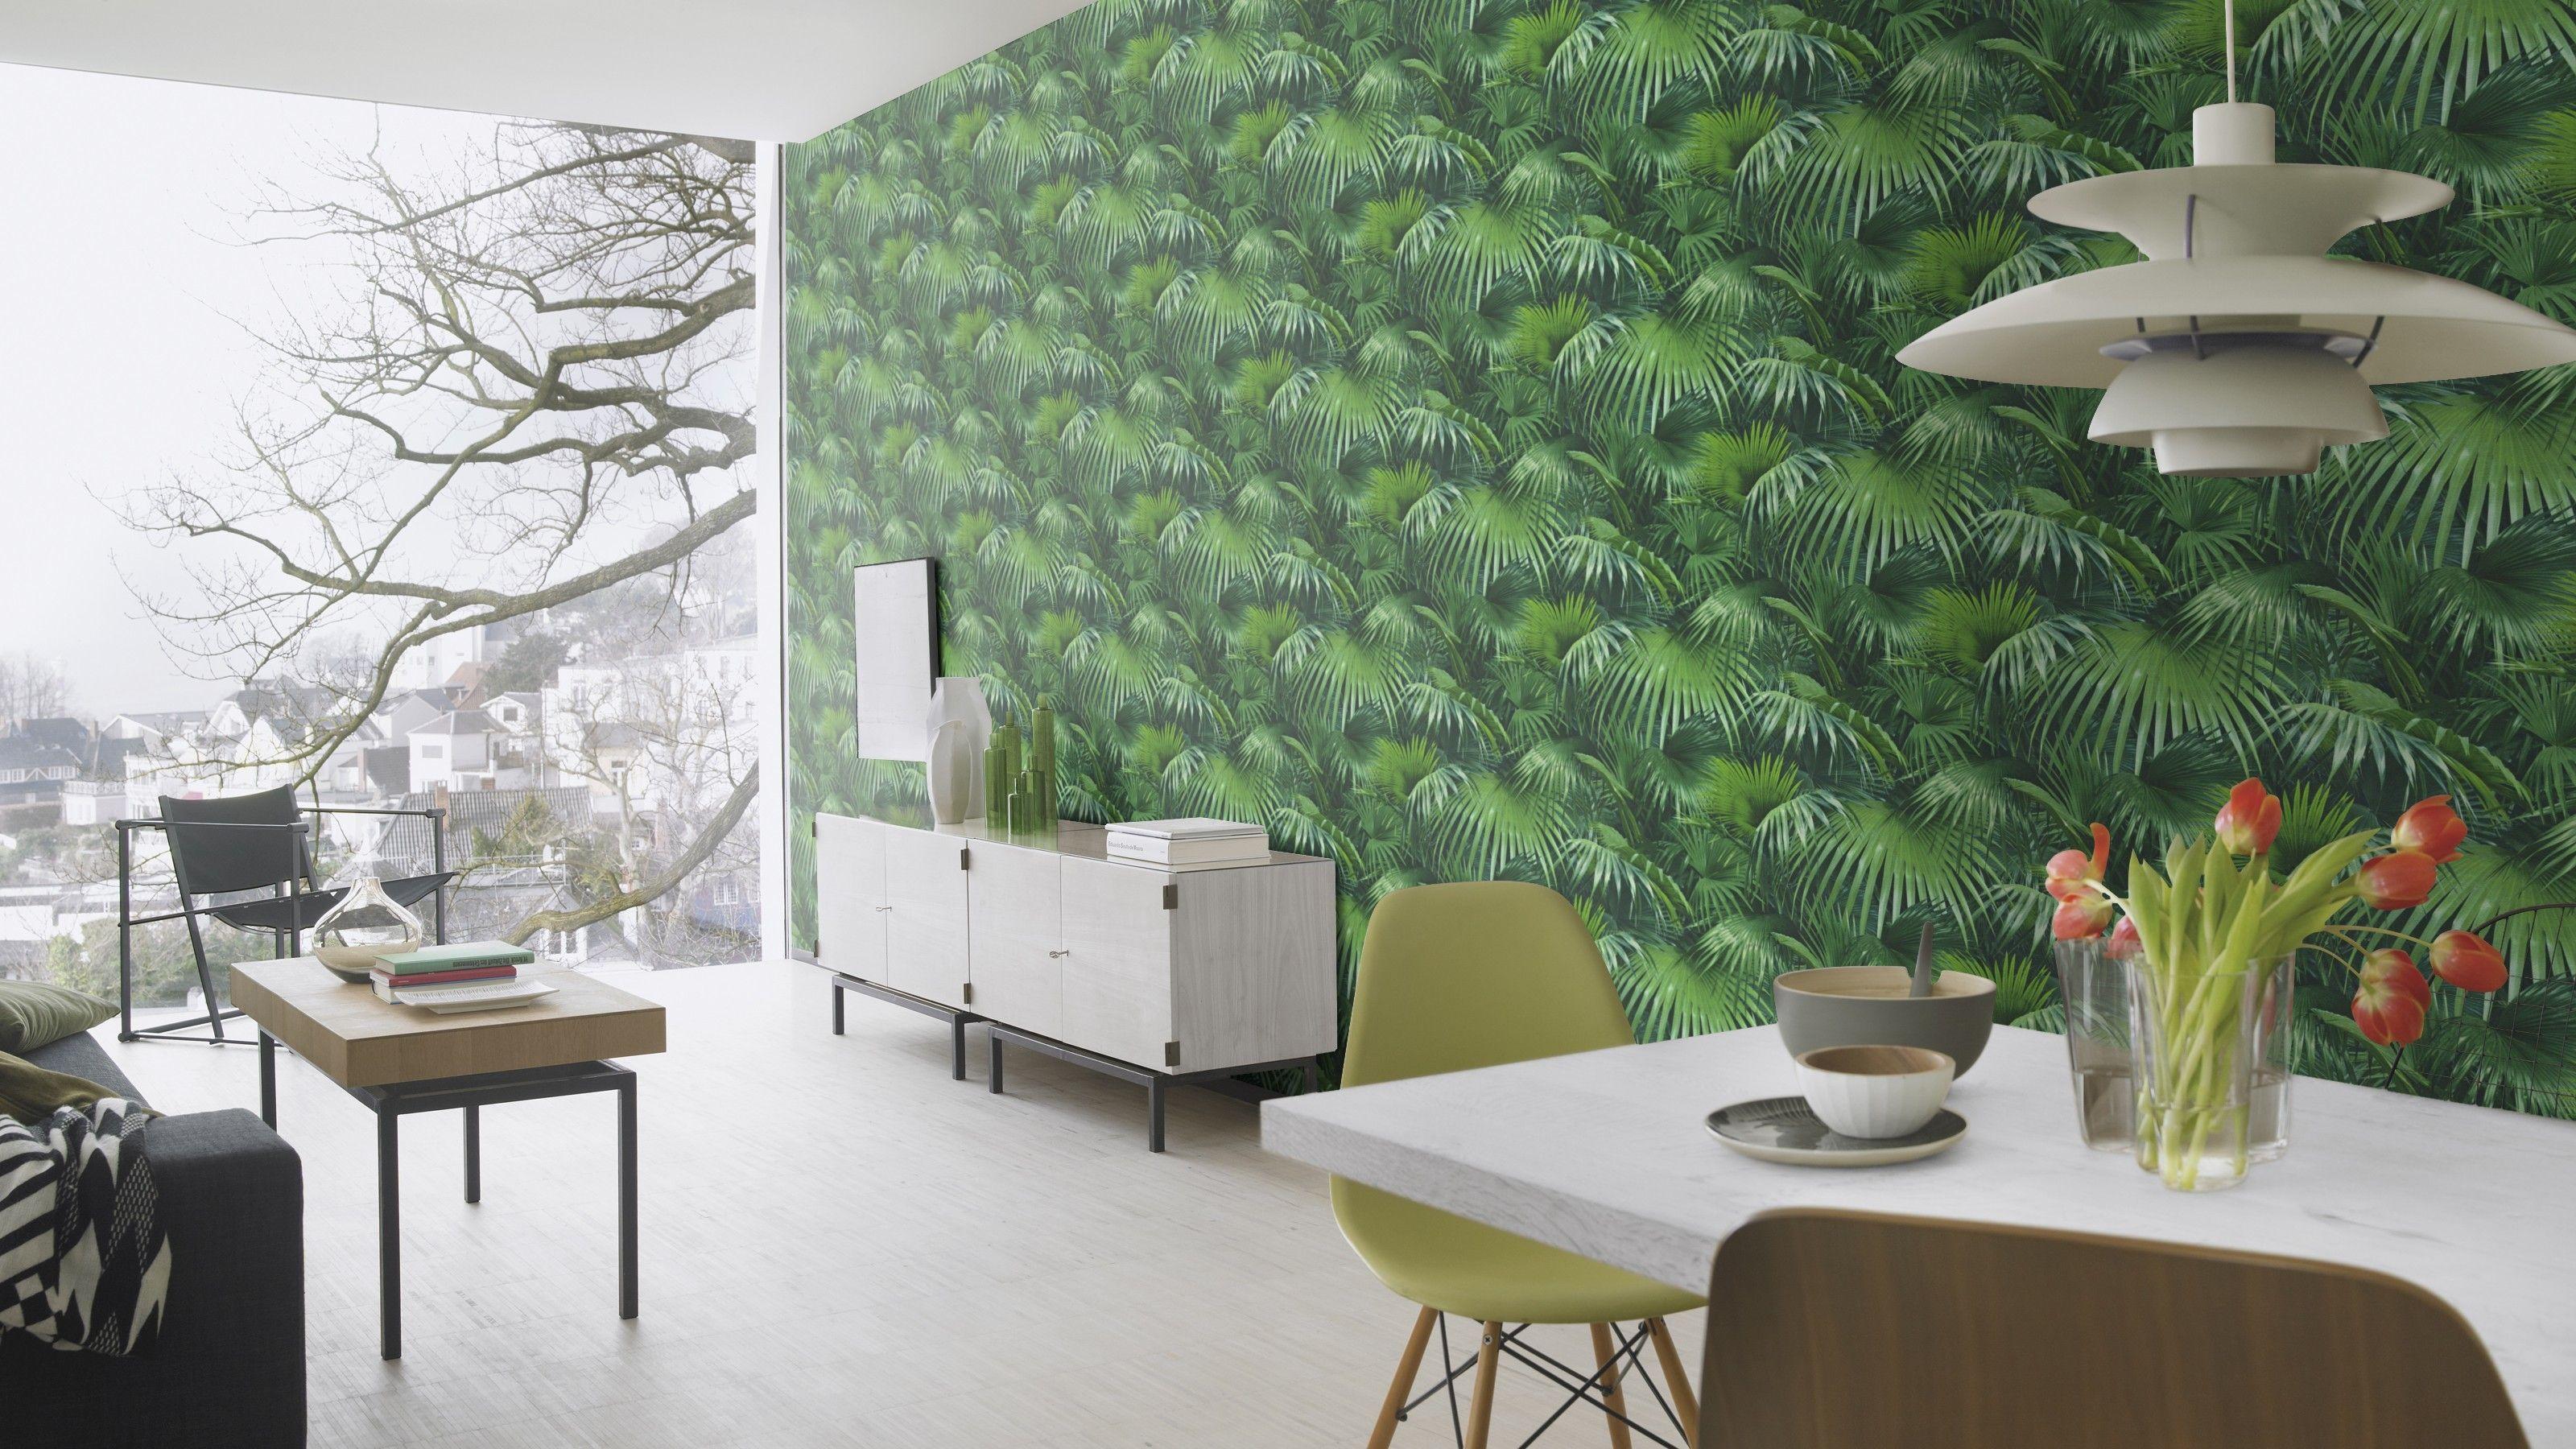 Pin von pepesophie auf Tapeten | Pinterest | Tapeten und Wohnzimmer